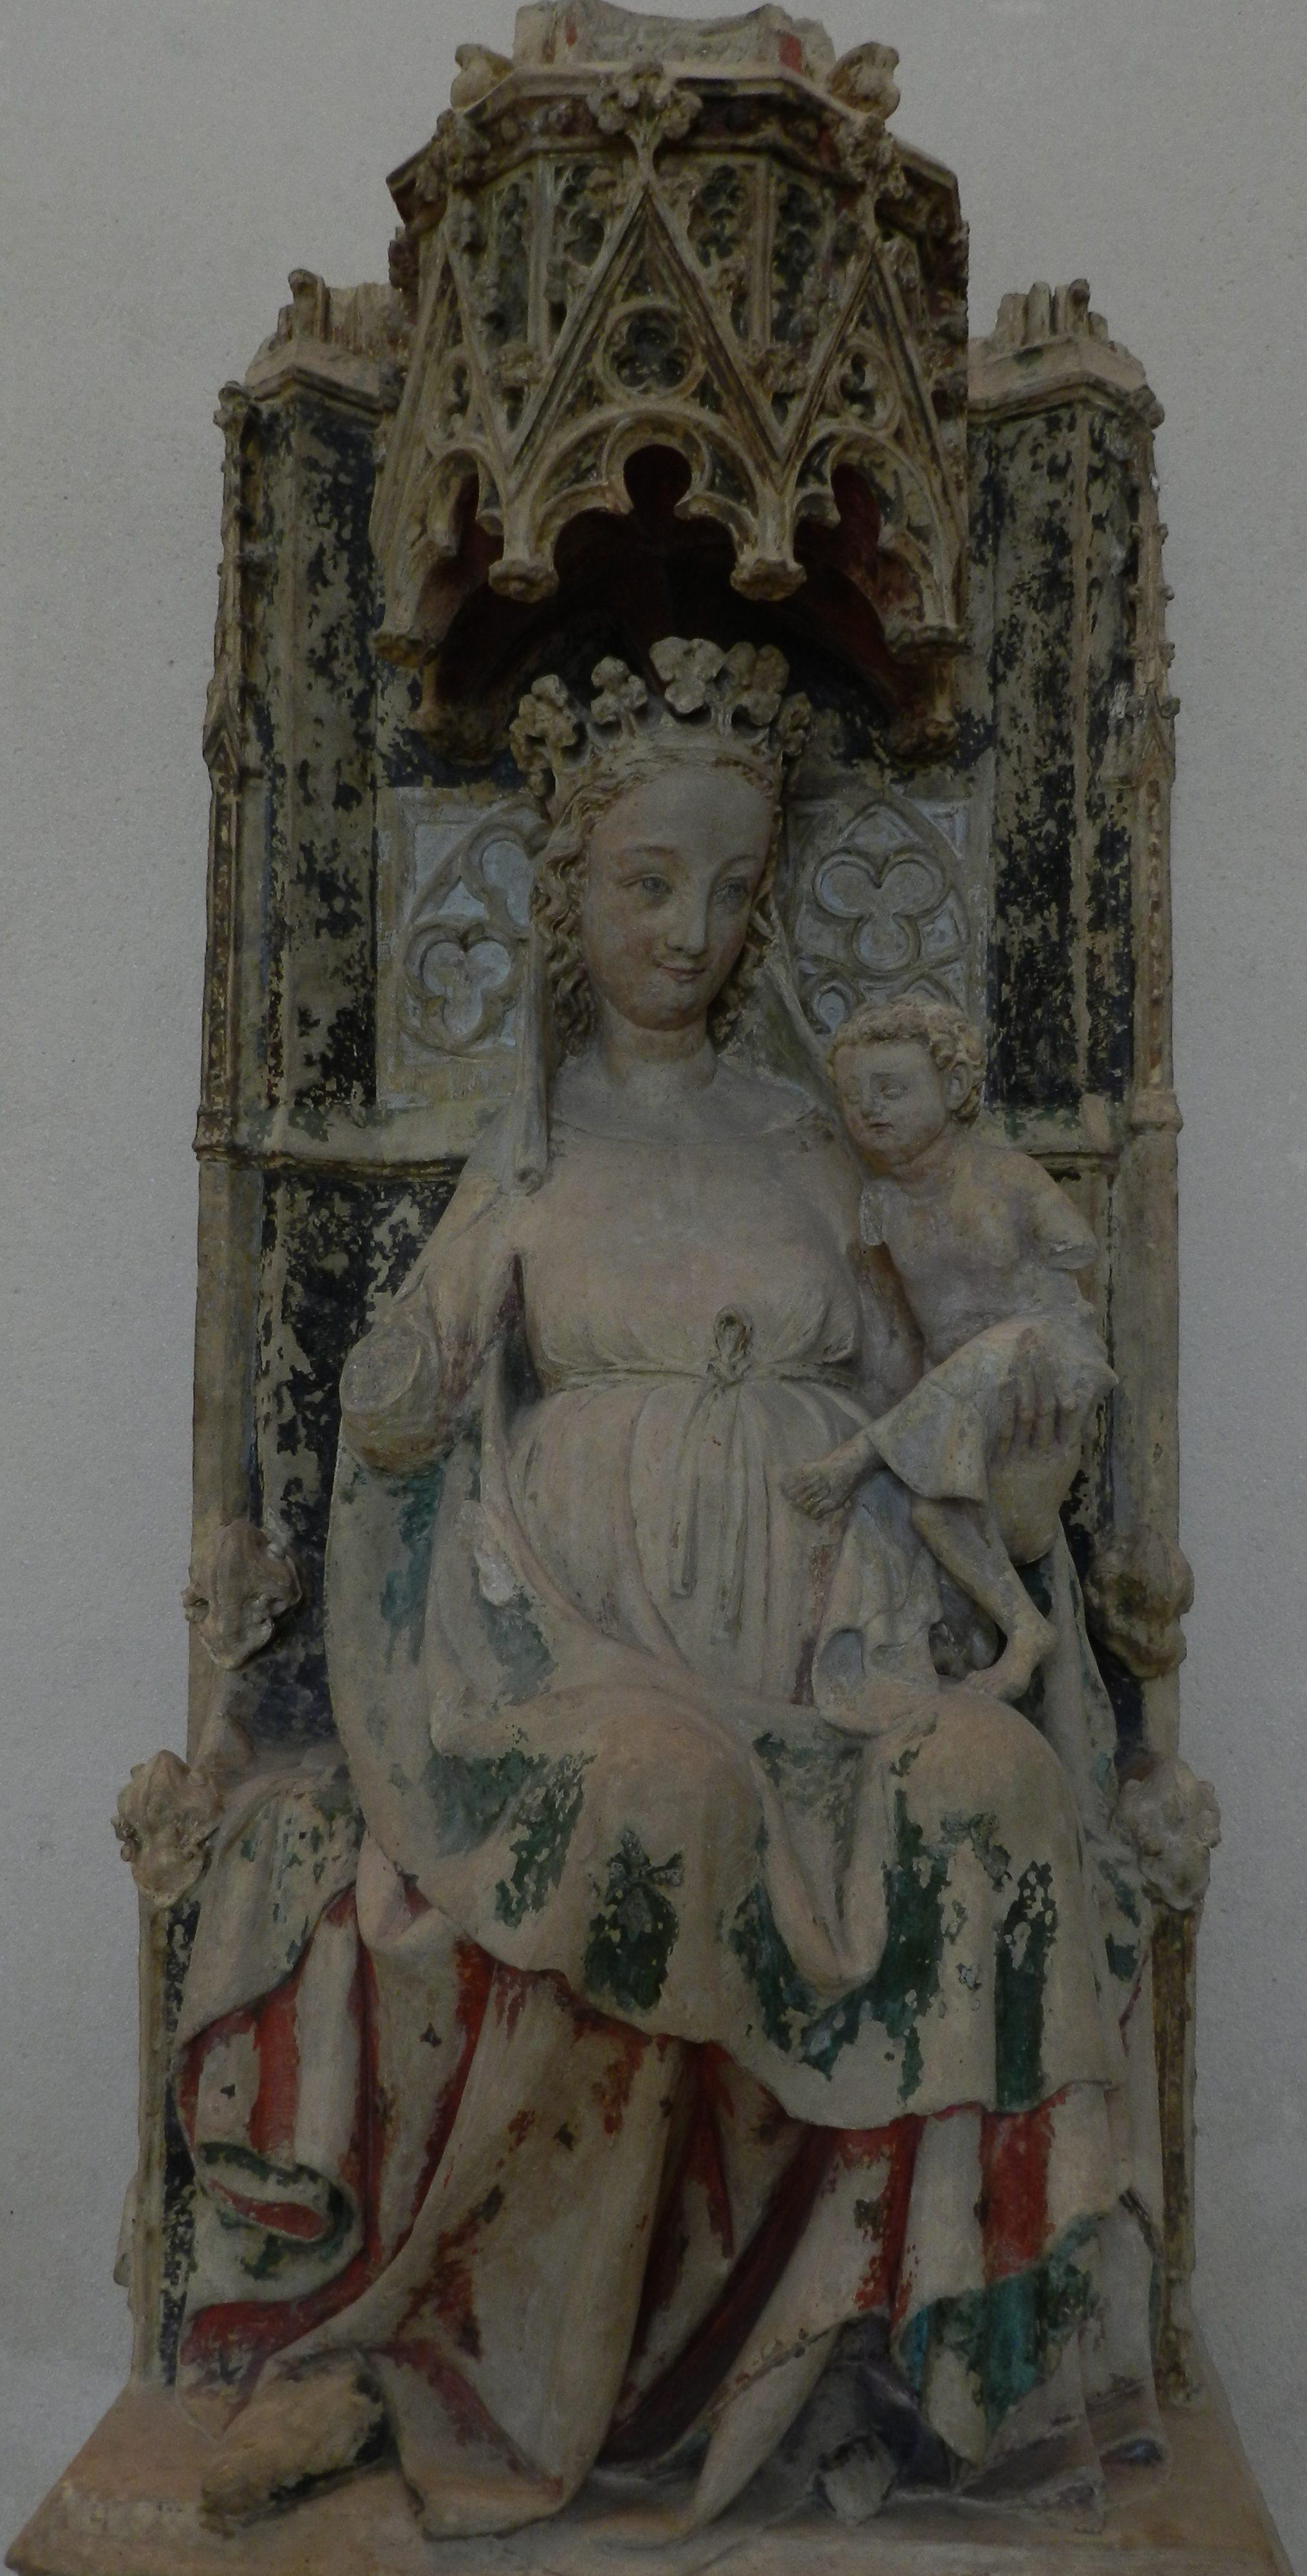 105 - Vierge à l'enfant - Nevers